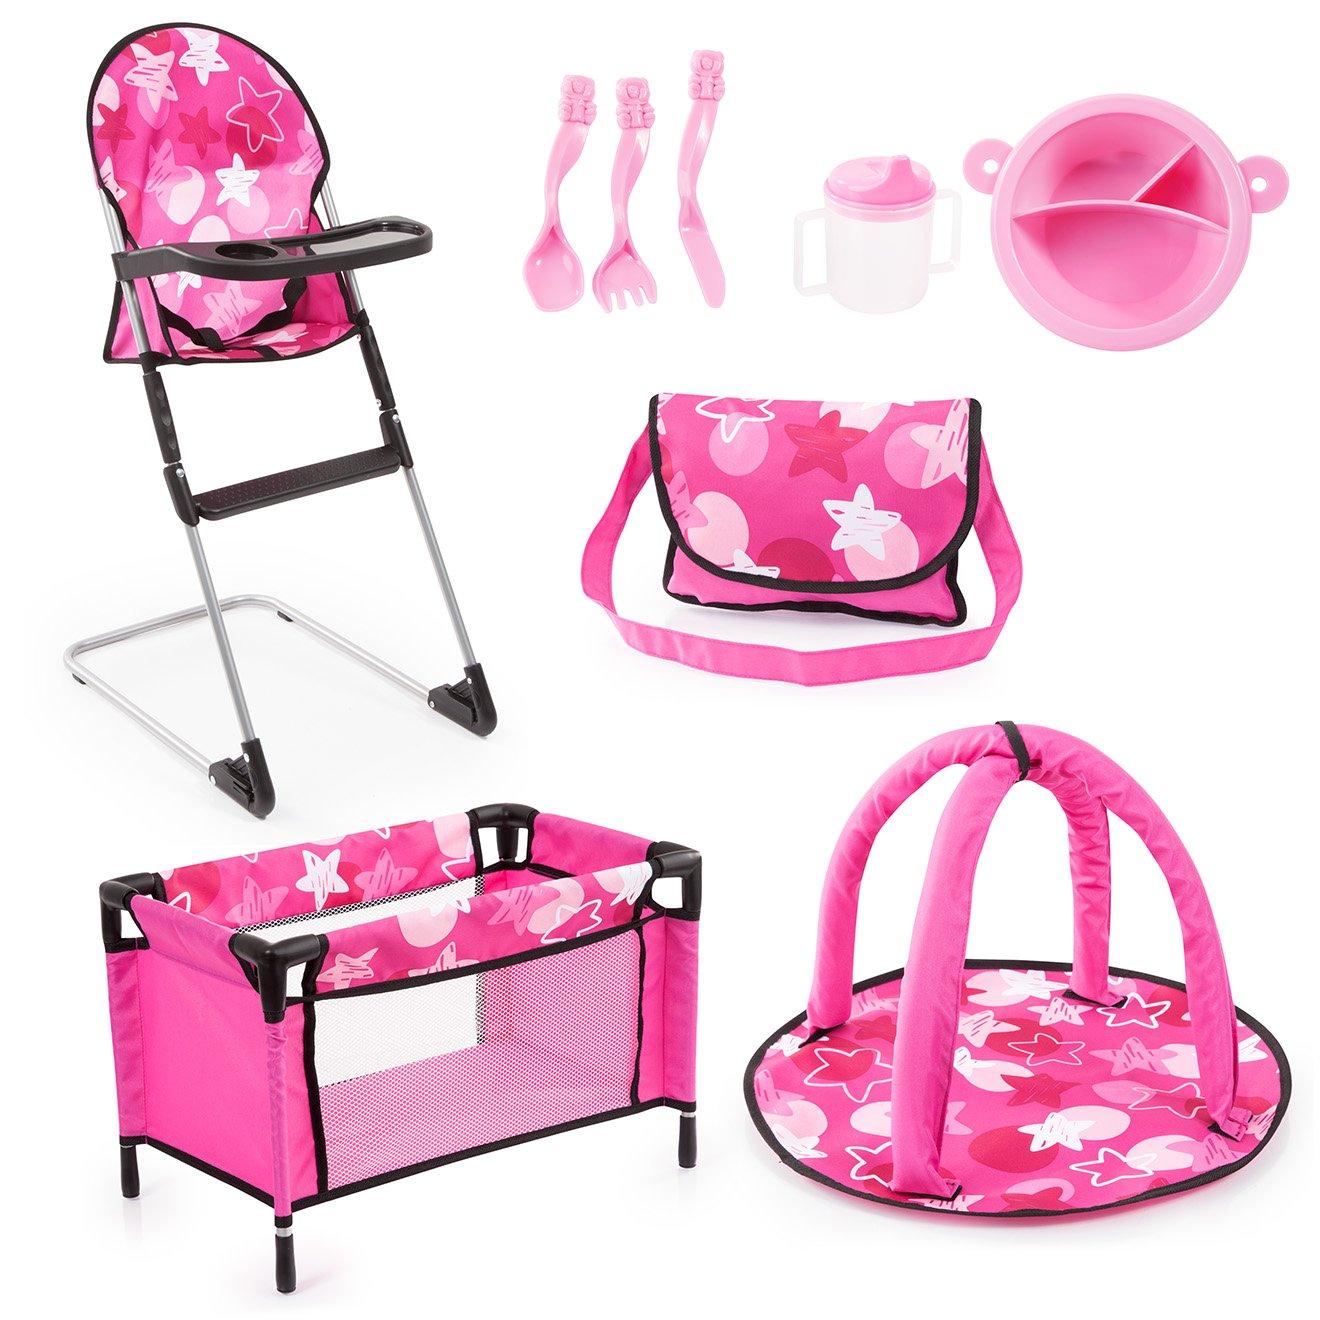 Bayer Design 61749AB Puppen Set 9 in 1 mit Reisebett, Tasche, Spielbogen, Hochstuhl, Plastik Geschirr, Puppenzubehö r, rosa pink sterne Bayer-Design